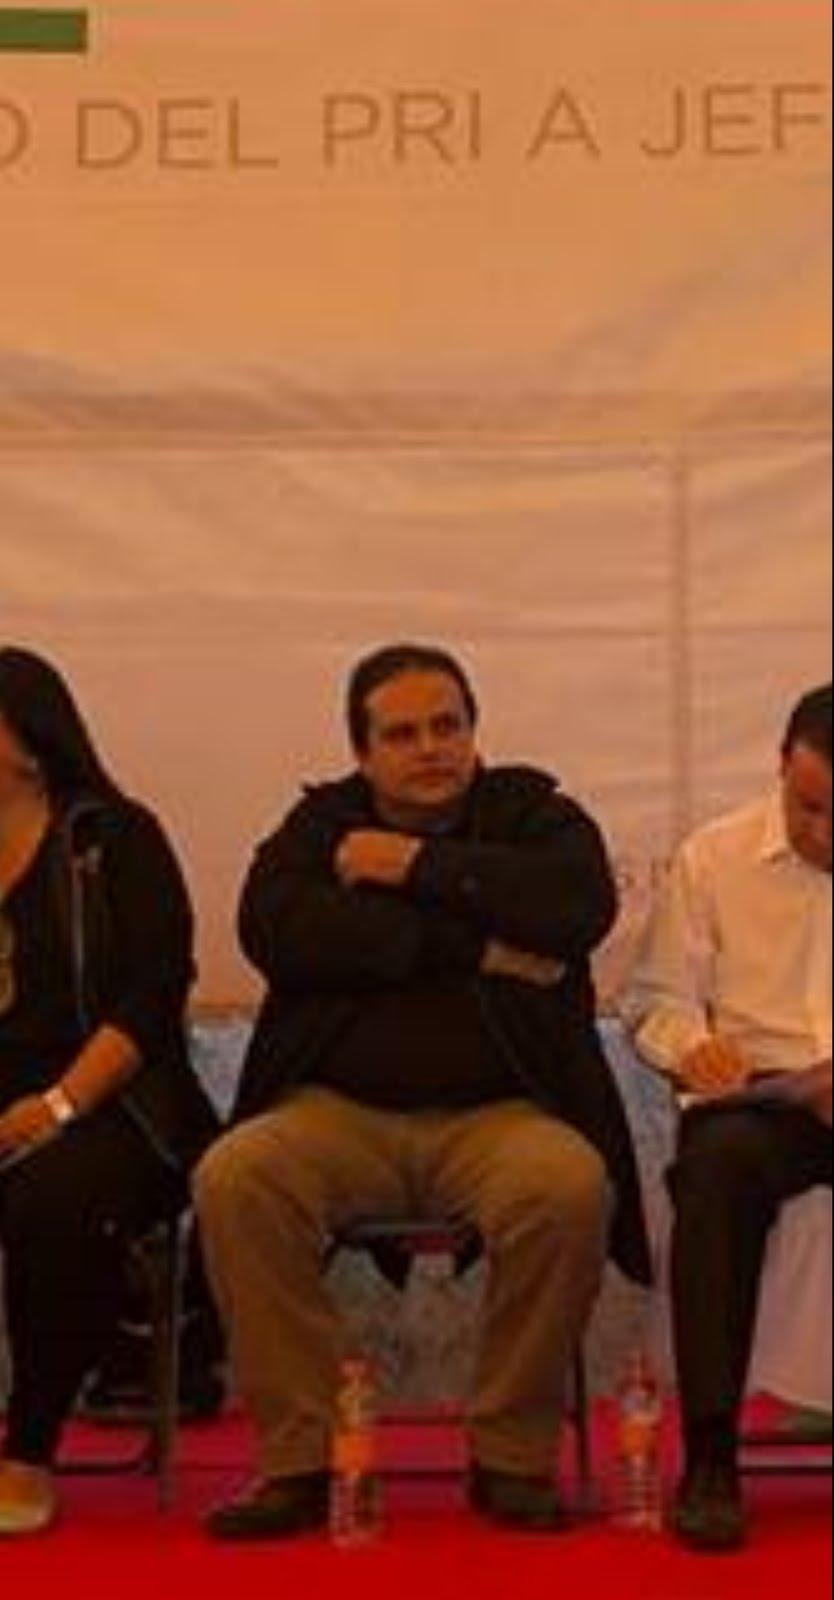 El priismo en Tláhuac es el que diga Emiliano Aguilar, según estableció